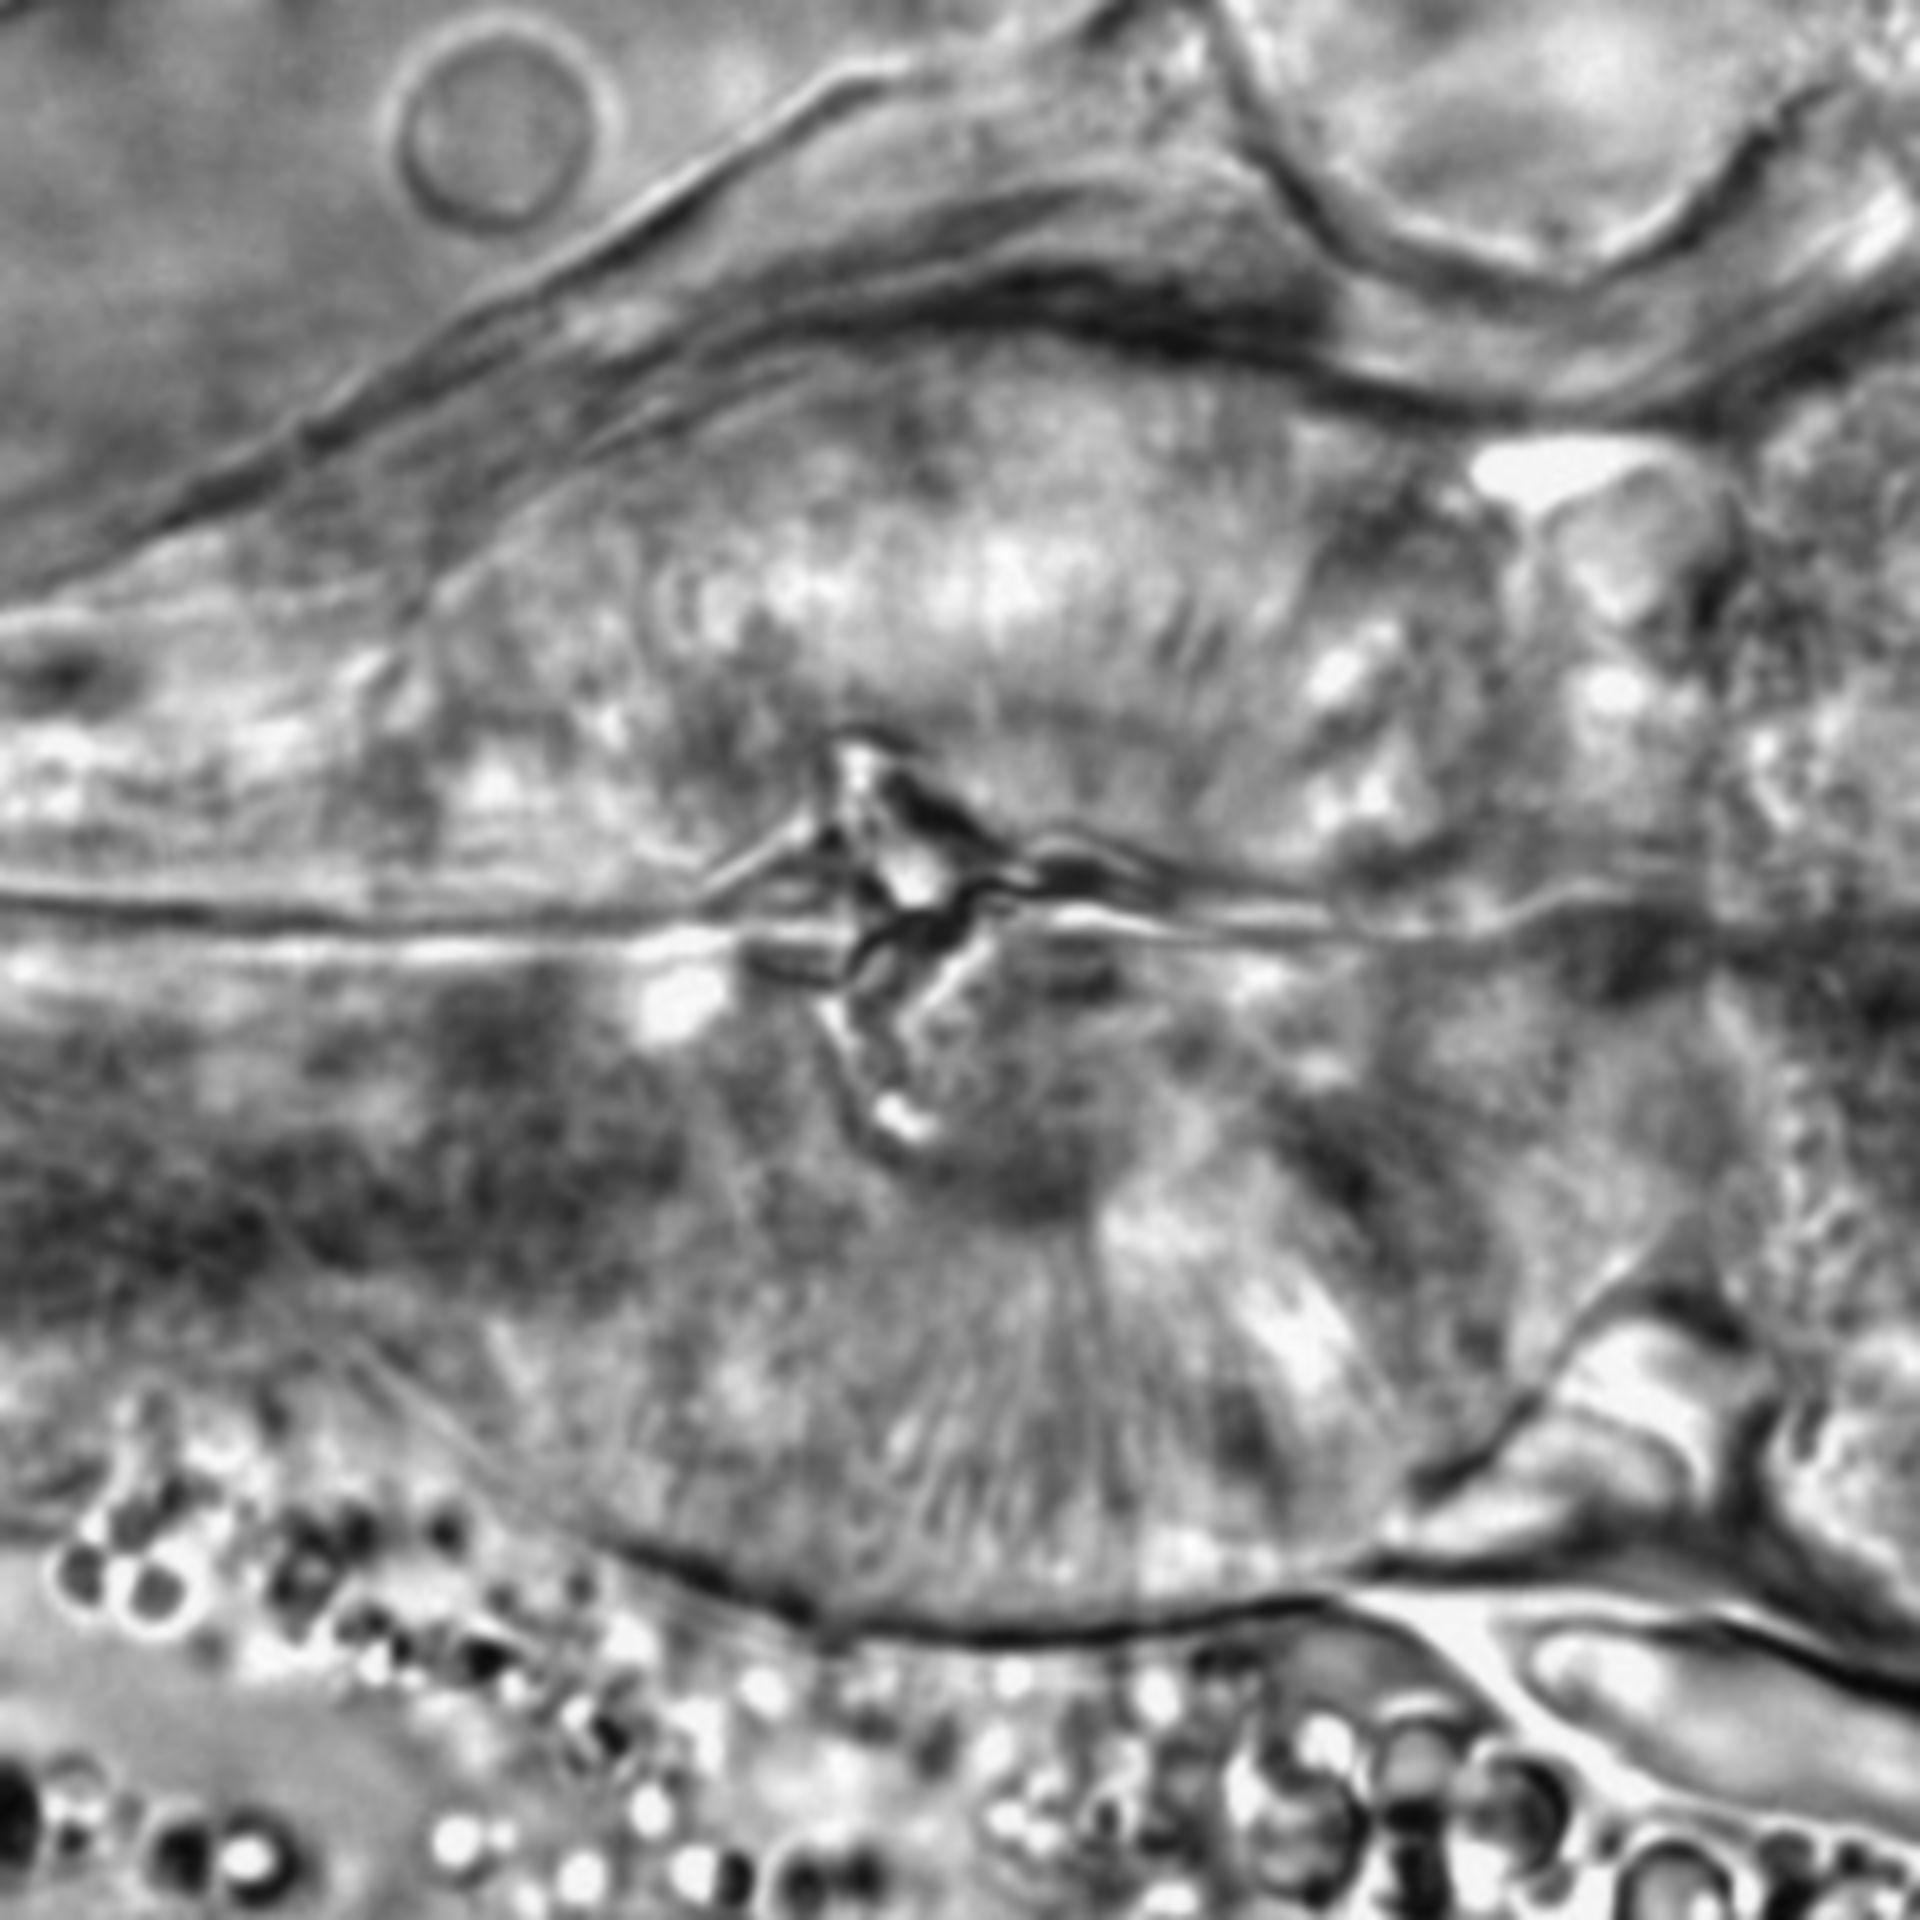 Caenorhabditis elegans - CIL:1766